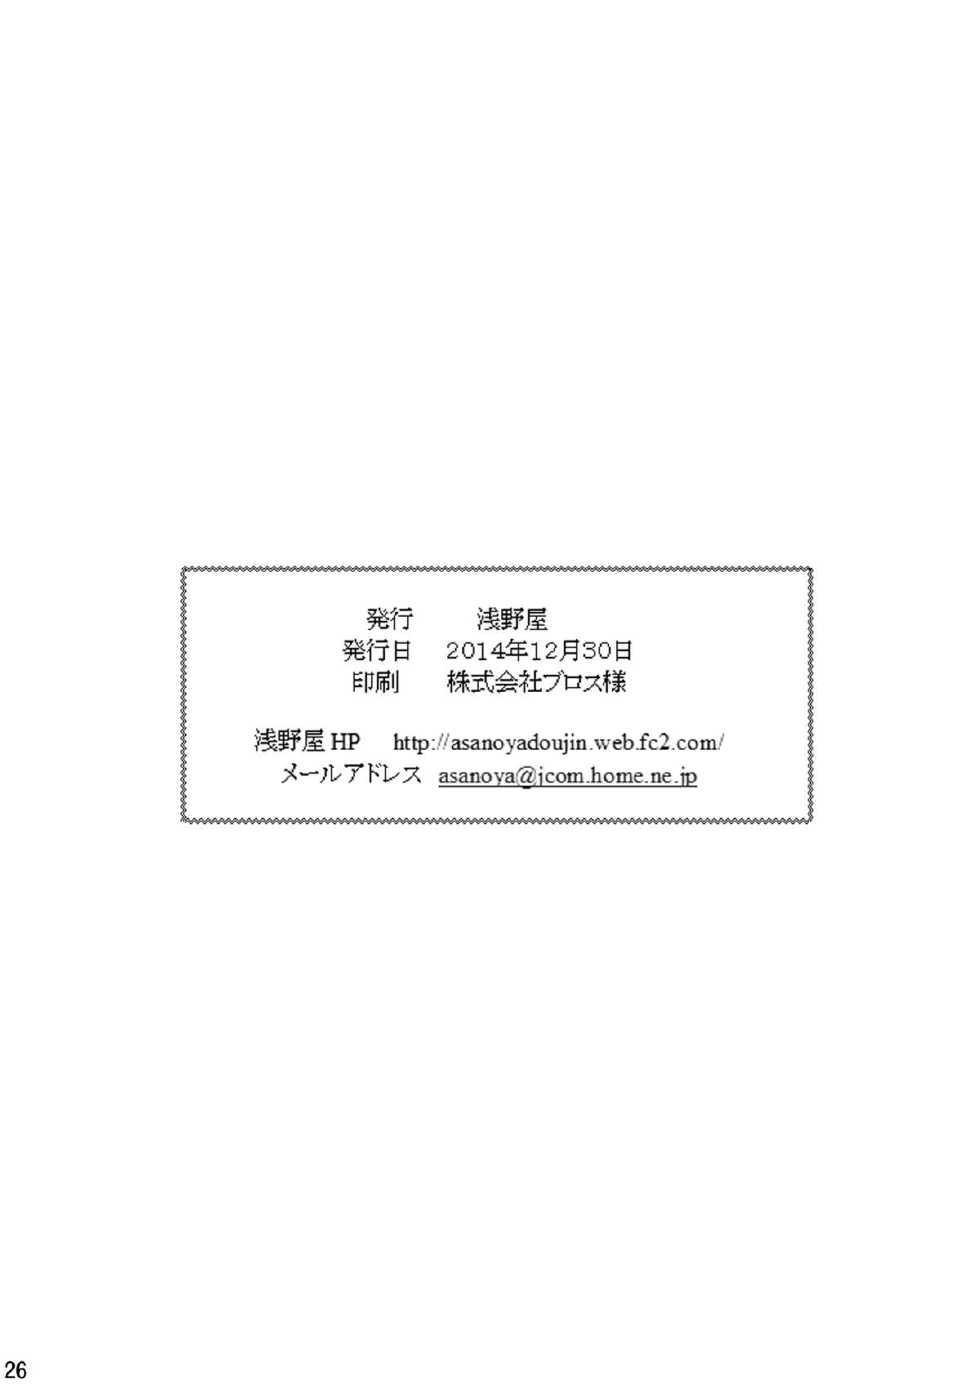 Seishinhoukai Surumade Kusugurimakutte Ryoujoku Shitemiru Test VI & VIII 54